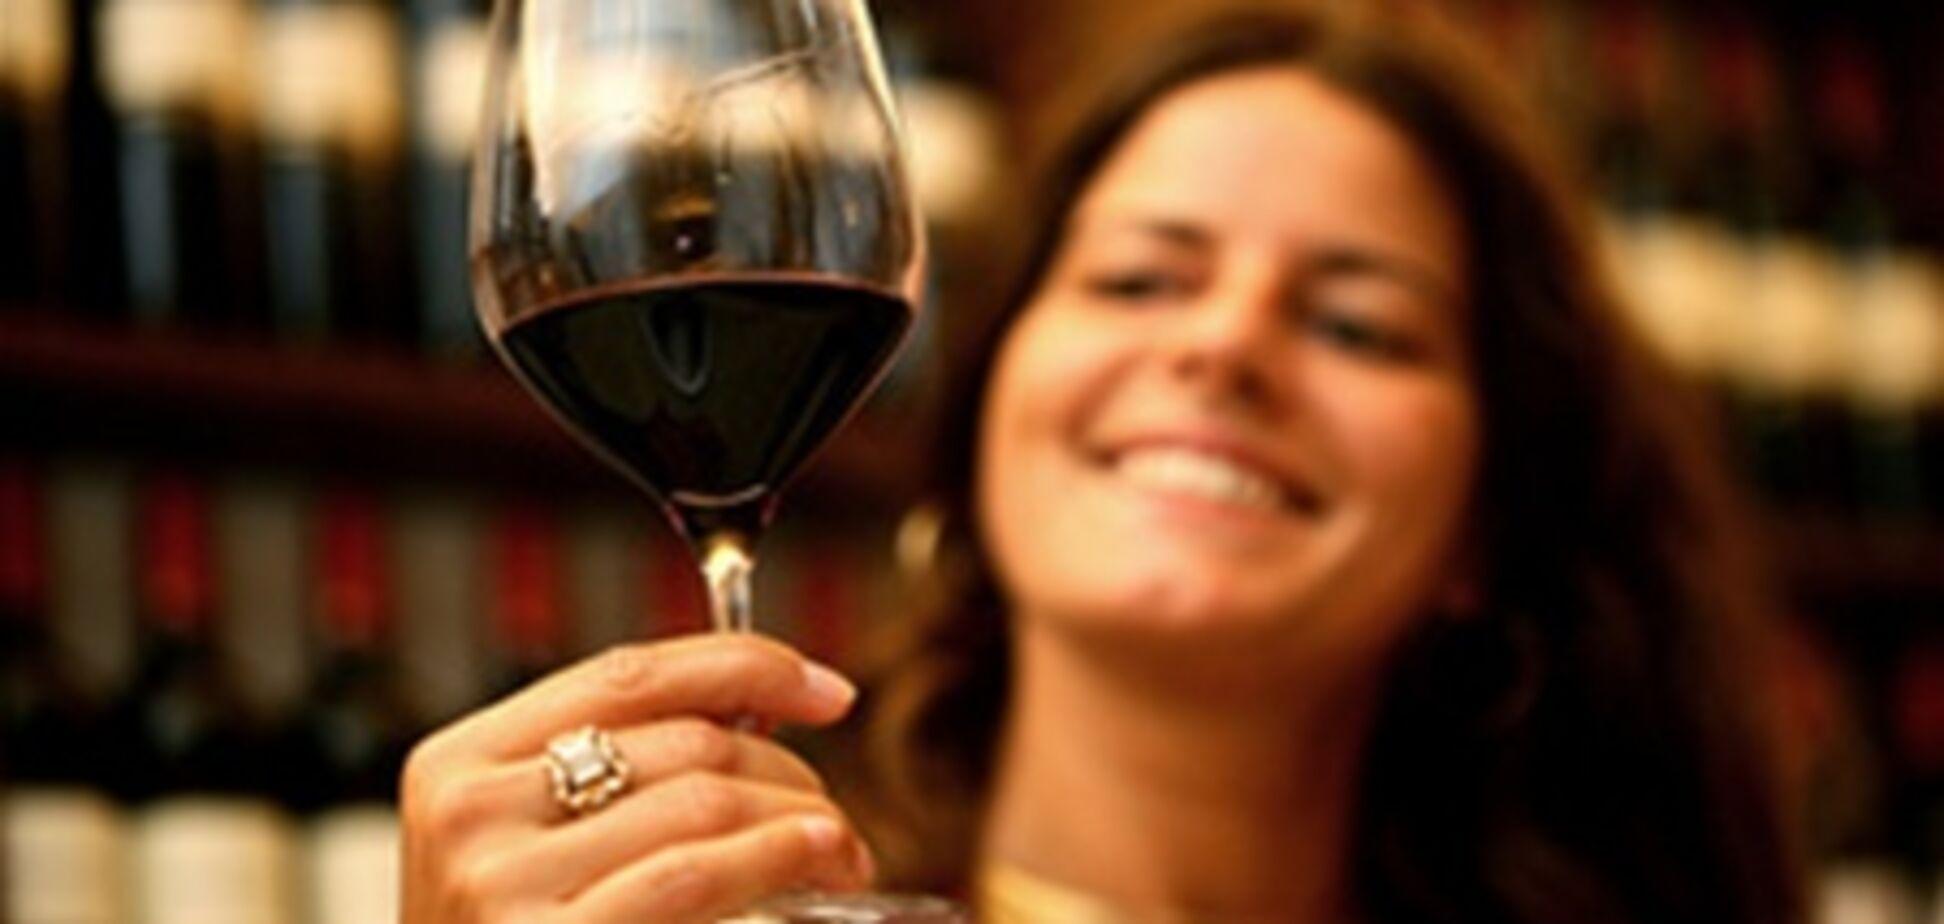 Ще одна корисна властивість вина